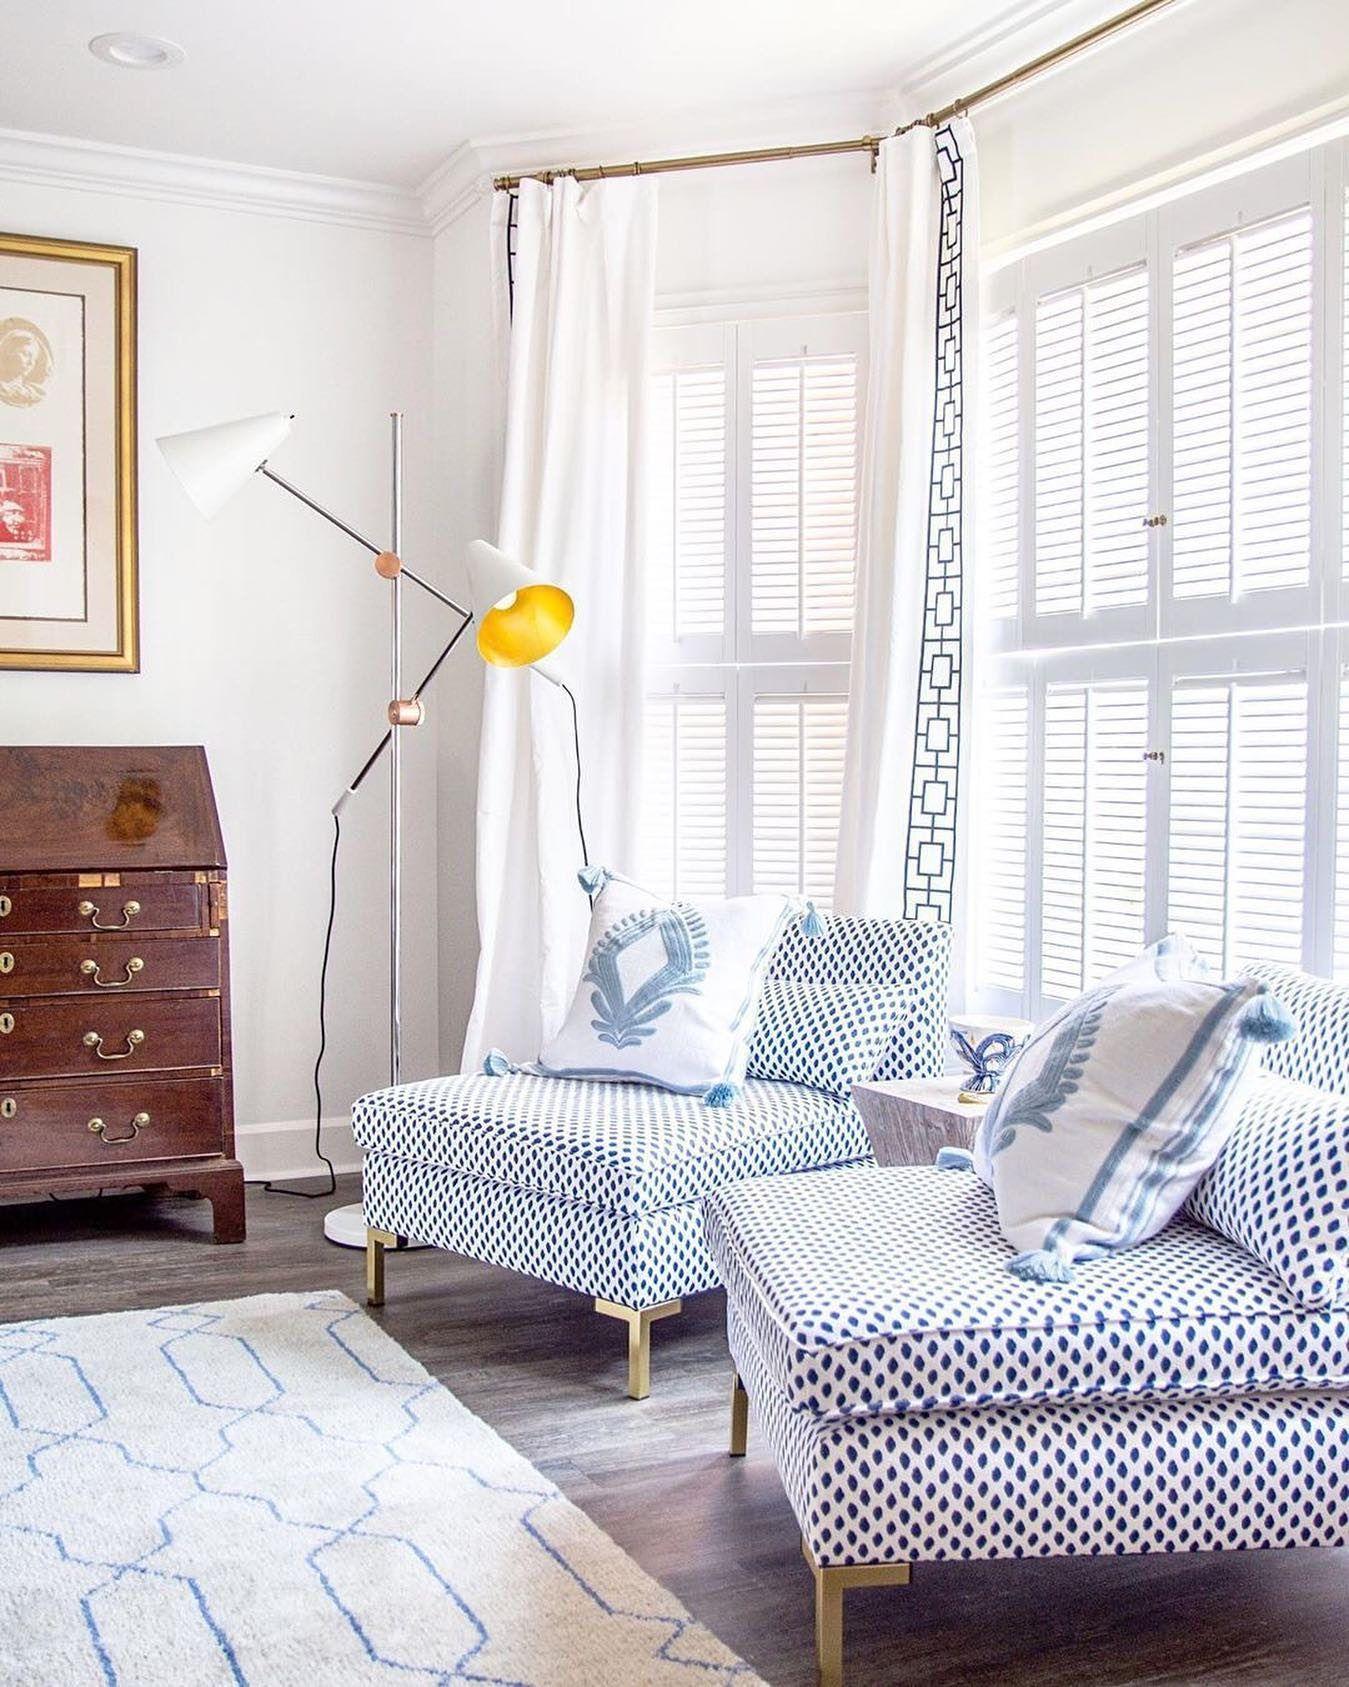 Marceau Slipper Chair Navy Dot Blue Hues Bedroom Living Room Windows Home Decor Slipper chair living room